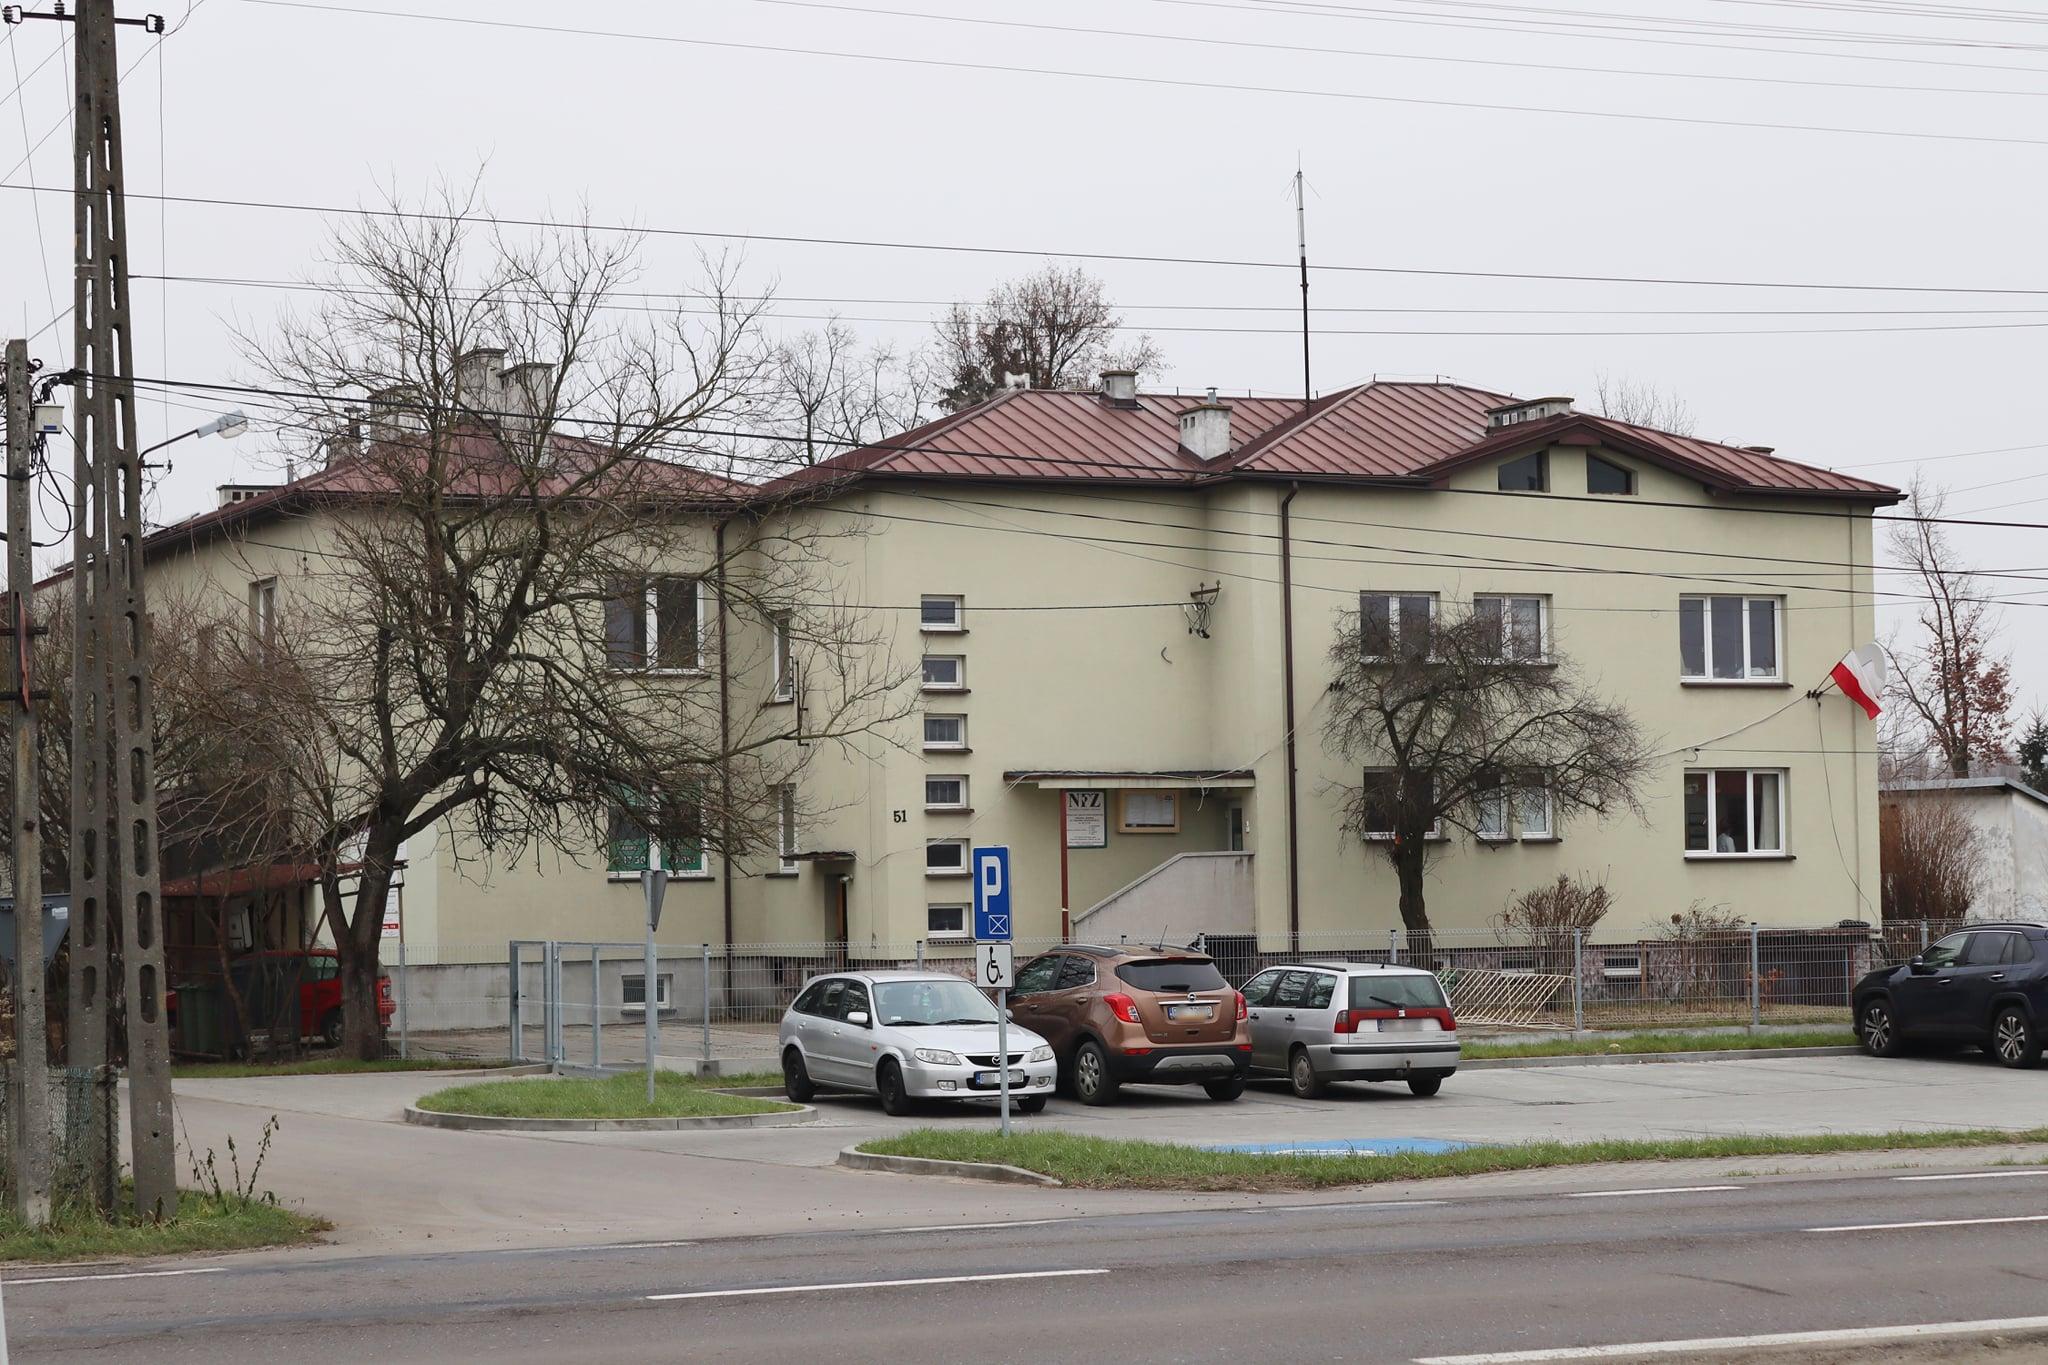 Prawie 2 mln zł dla gminy Tuszów Narodowy na rewitalizację Ośrodka Zdrowia! - Zdjęcie główne